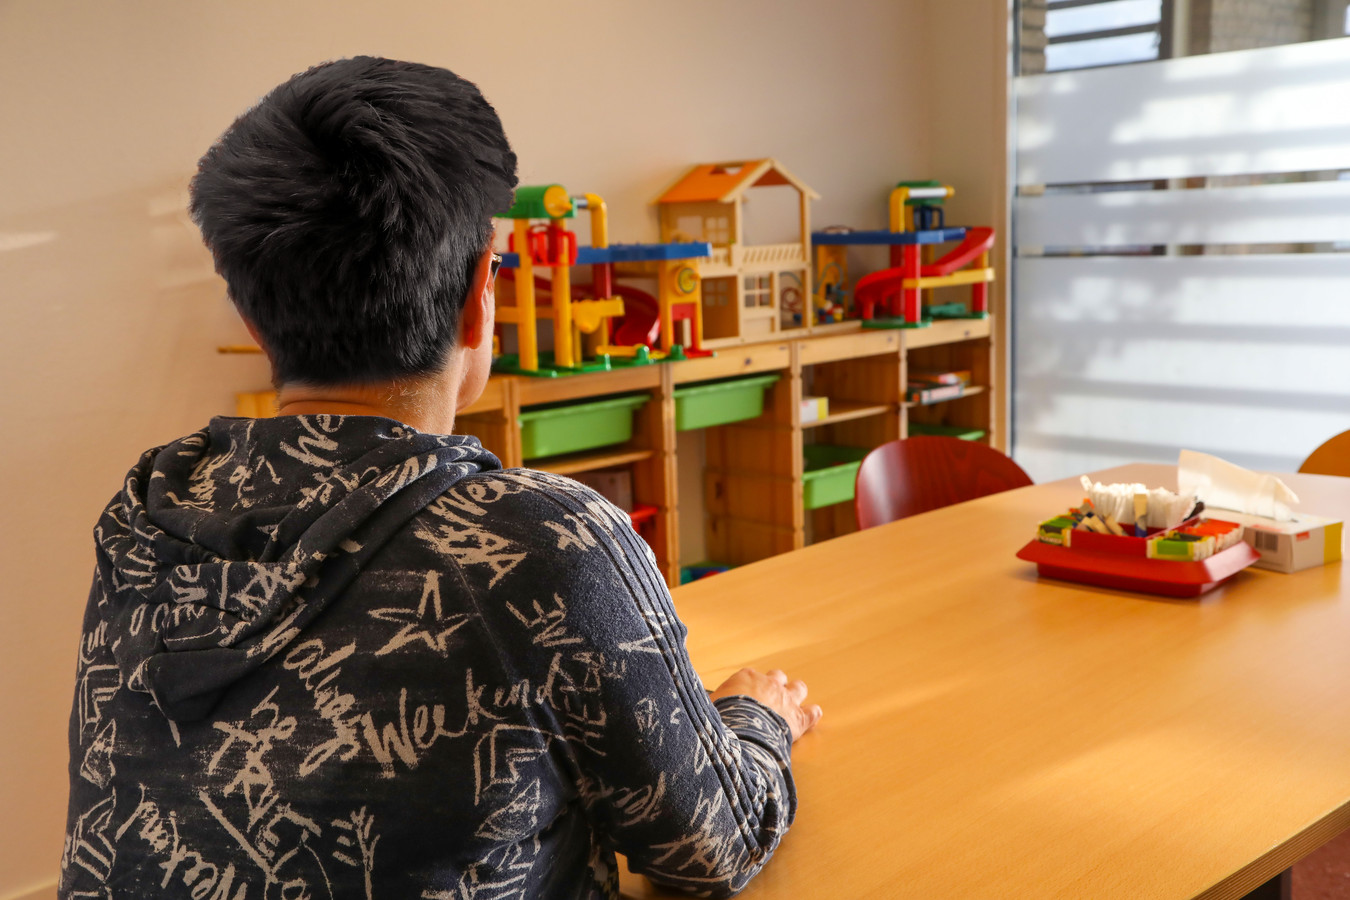 De medewerkster van Jeugdbescherming Brabant die anoniem haar verhaal doet in de kamer waar kinderen onder toezicht contact kunnen hebben met hun ouders.